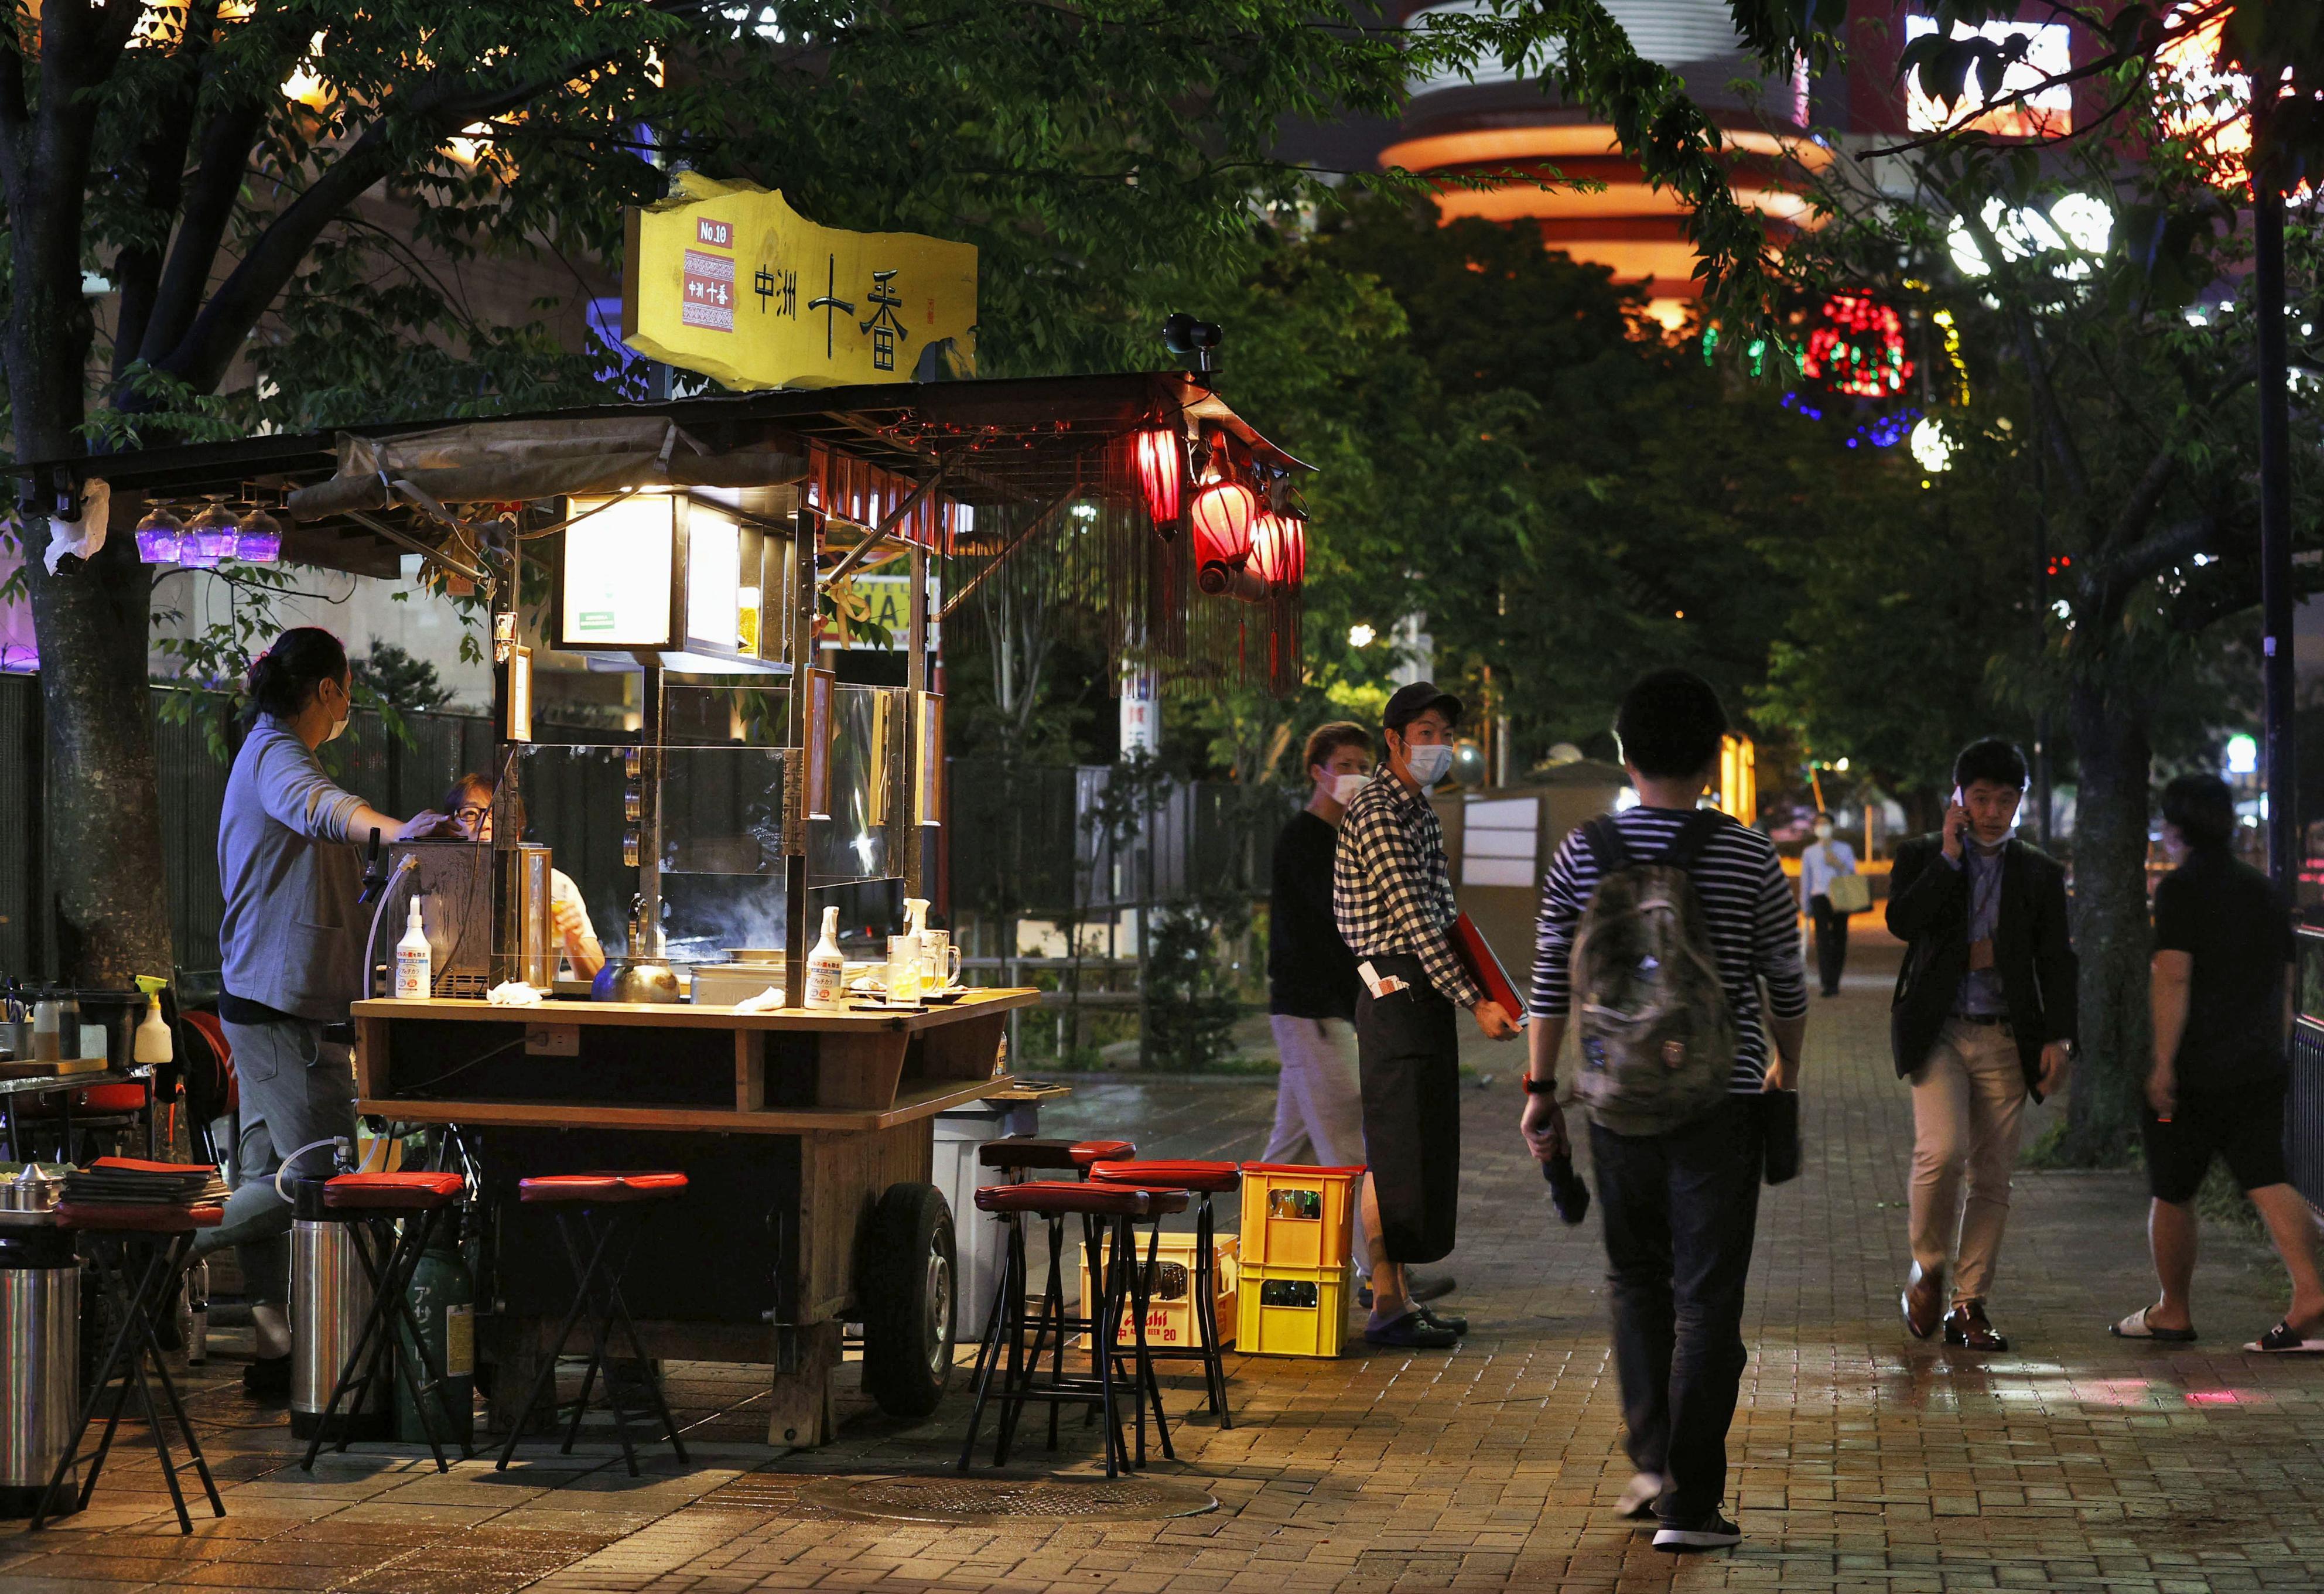 緊急事態宣言が解除されて初めての週末を迎え、営業を再開した福岡市の繁華街・中洲の屋台=16日夕